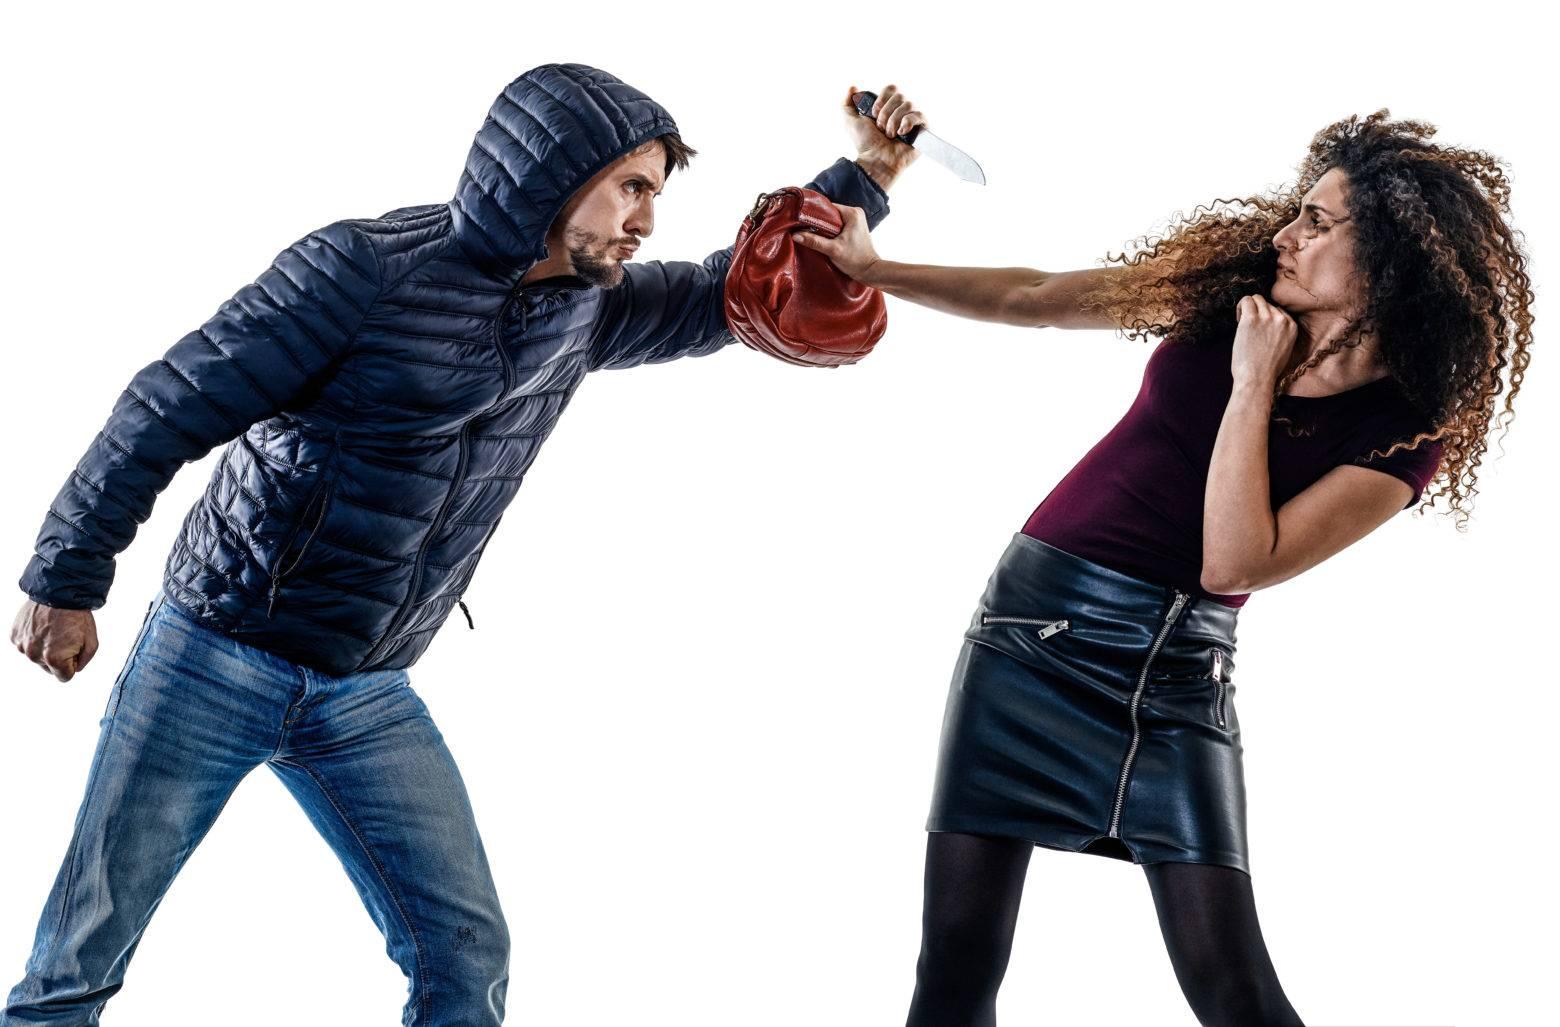 Подростковые «забивы»: как драки школьников превратились вкровавую индустрию